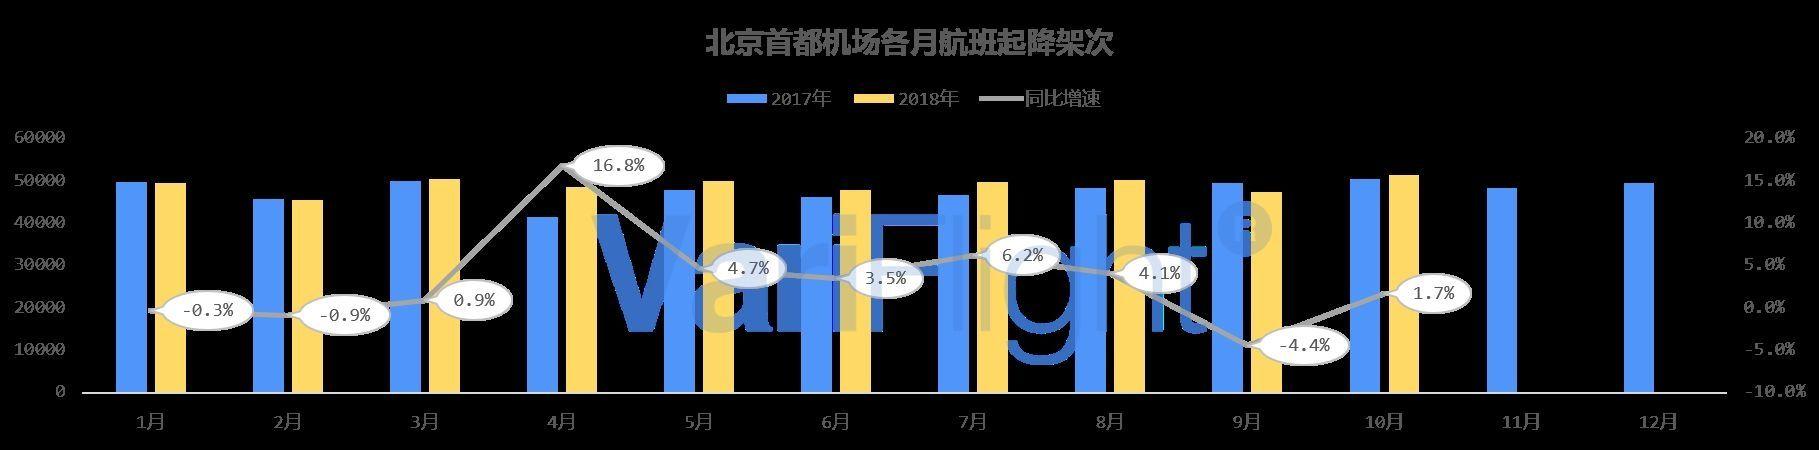 京津冀机场发展观察报告